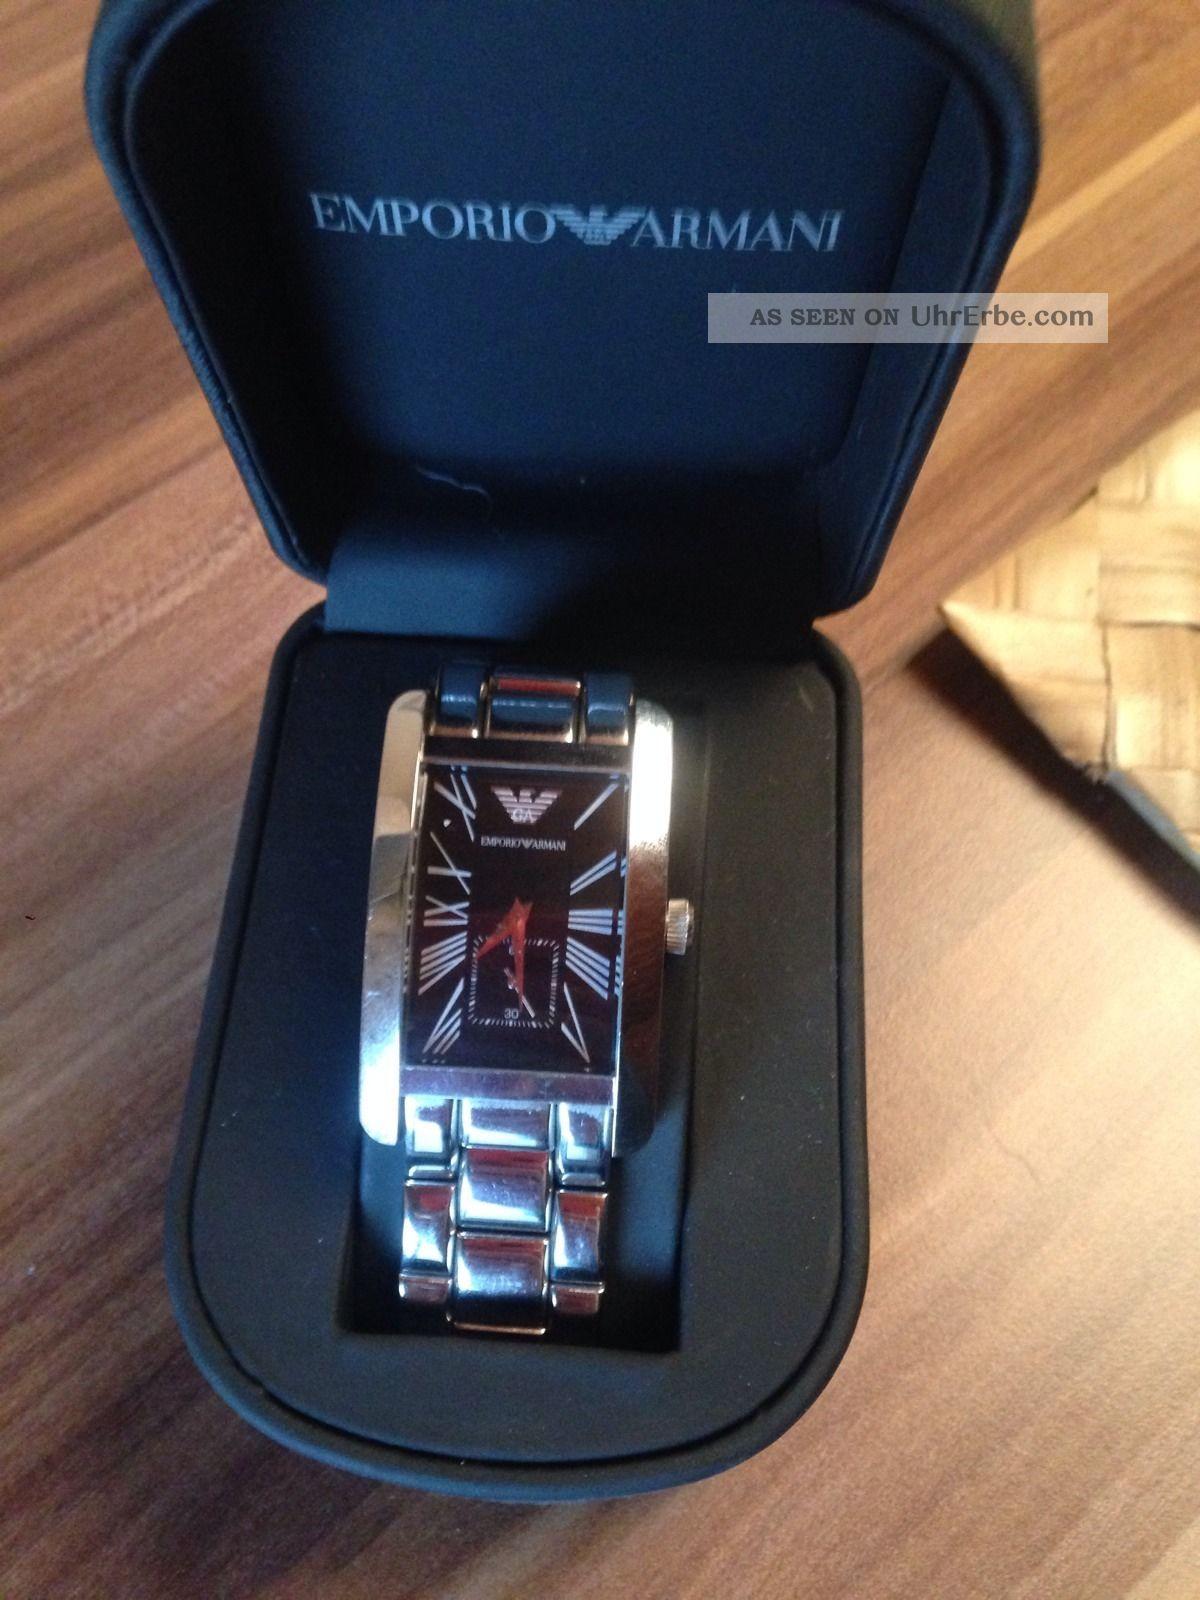 Emporio Armani Herrenuhr Top Armbanduhren Bild